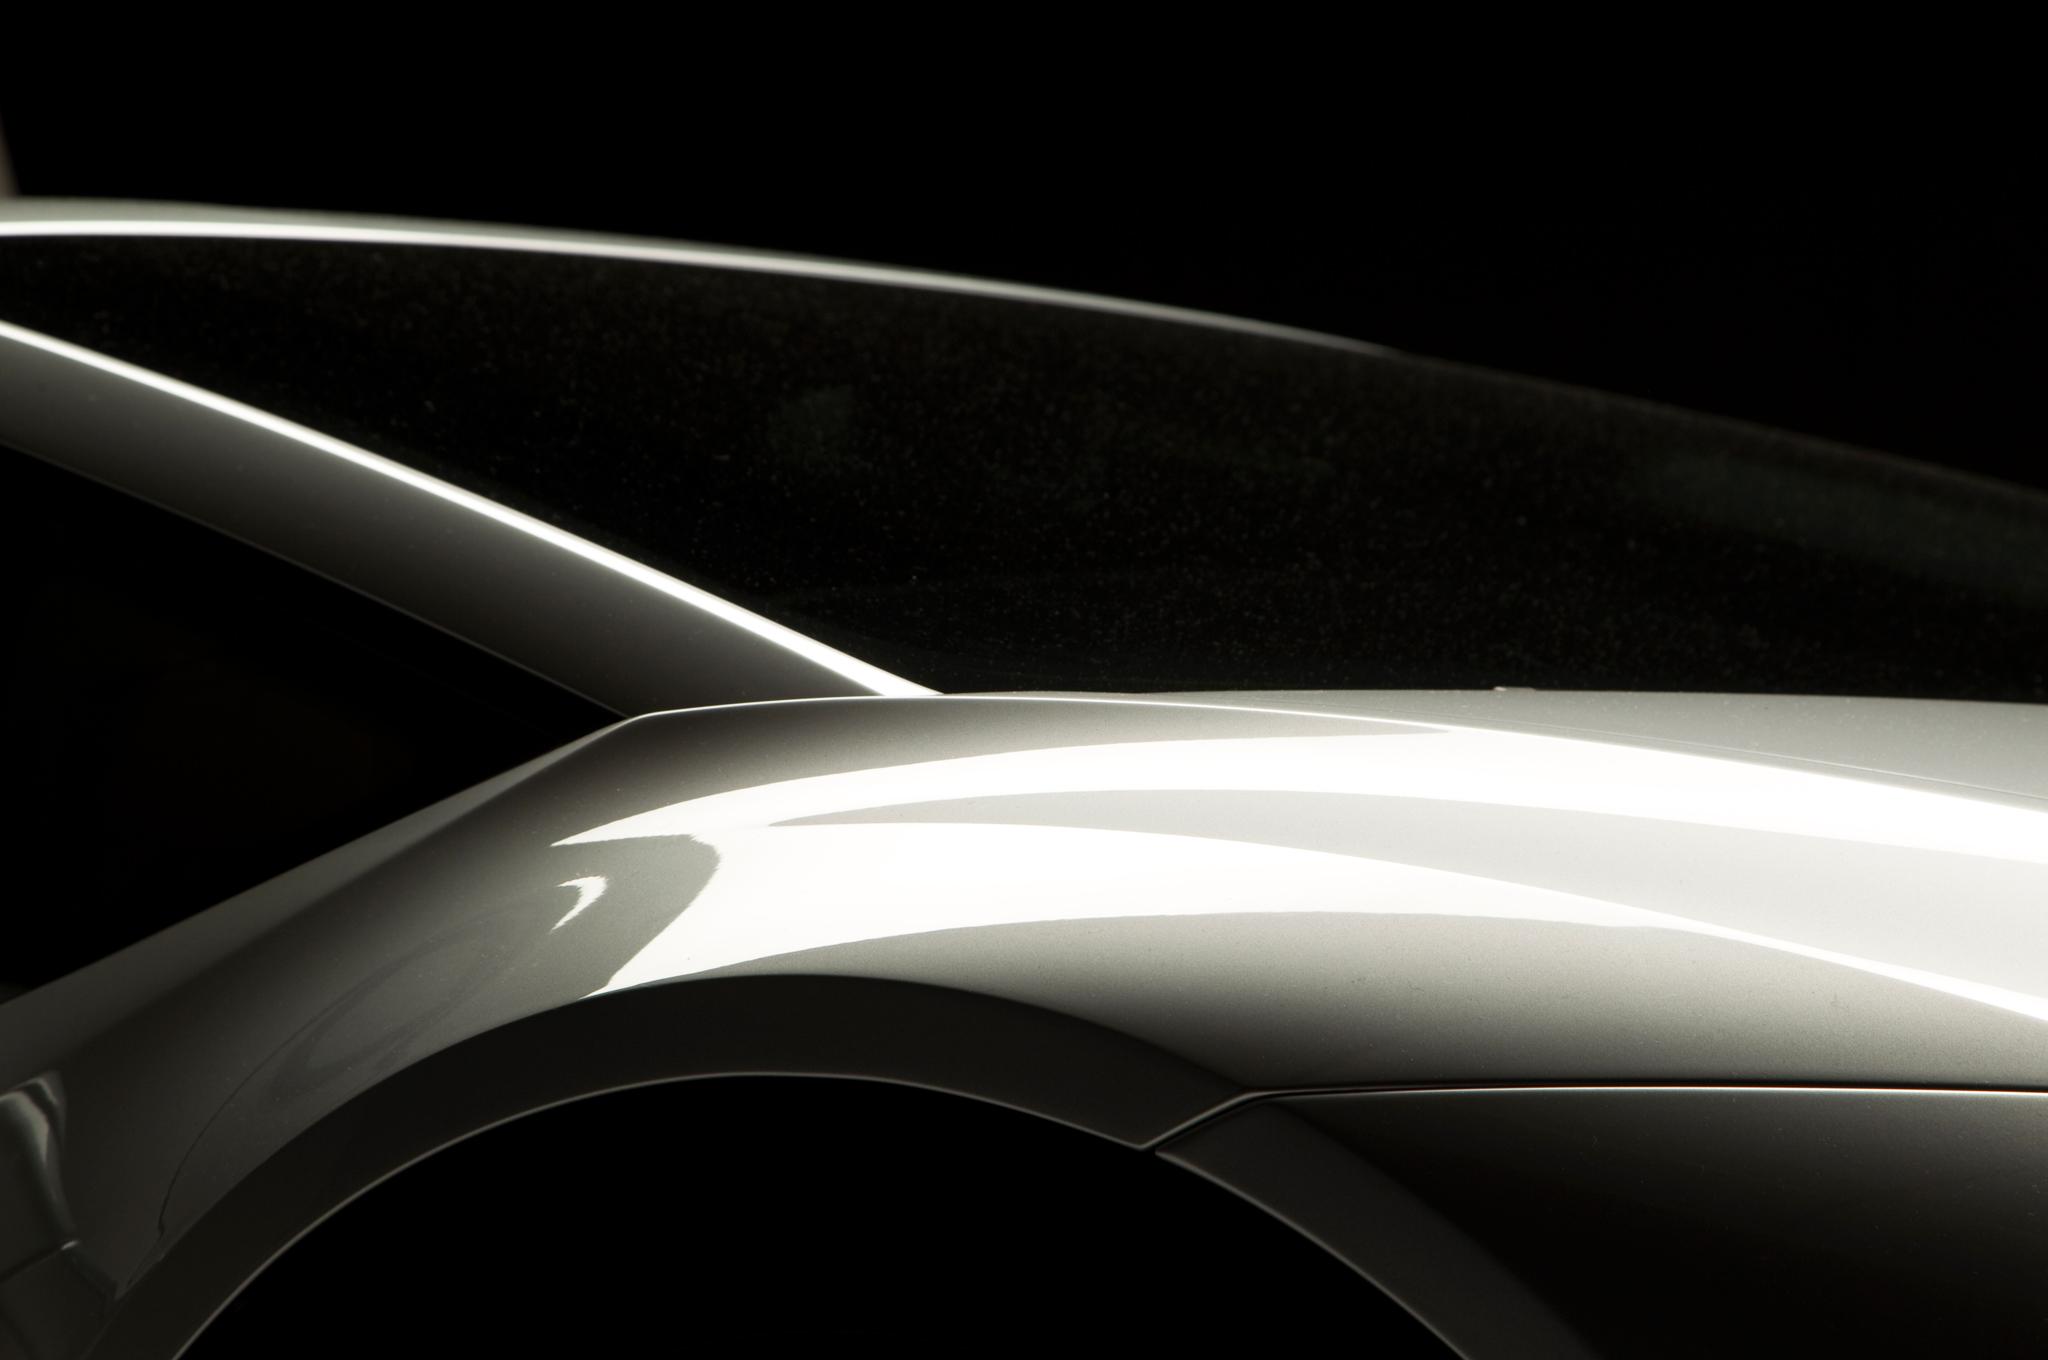 http—image.motortrend.com-f-roadtests-exotic-1312_2015_lamborghini_huracan_first_look-59411393-2015-Lamborghini-Huracan-exterior-panel